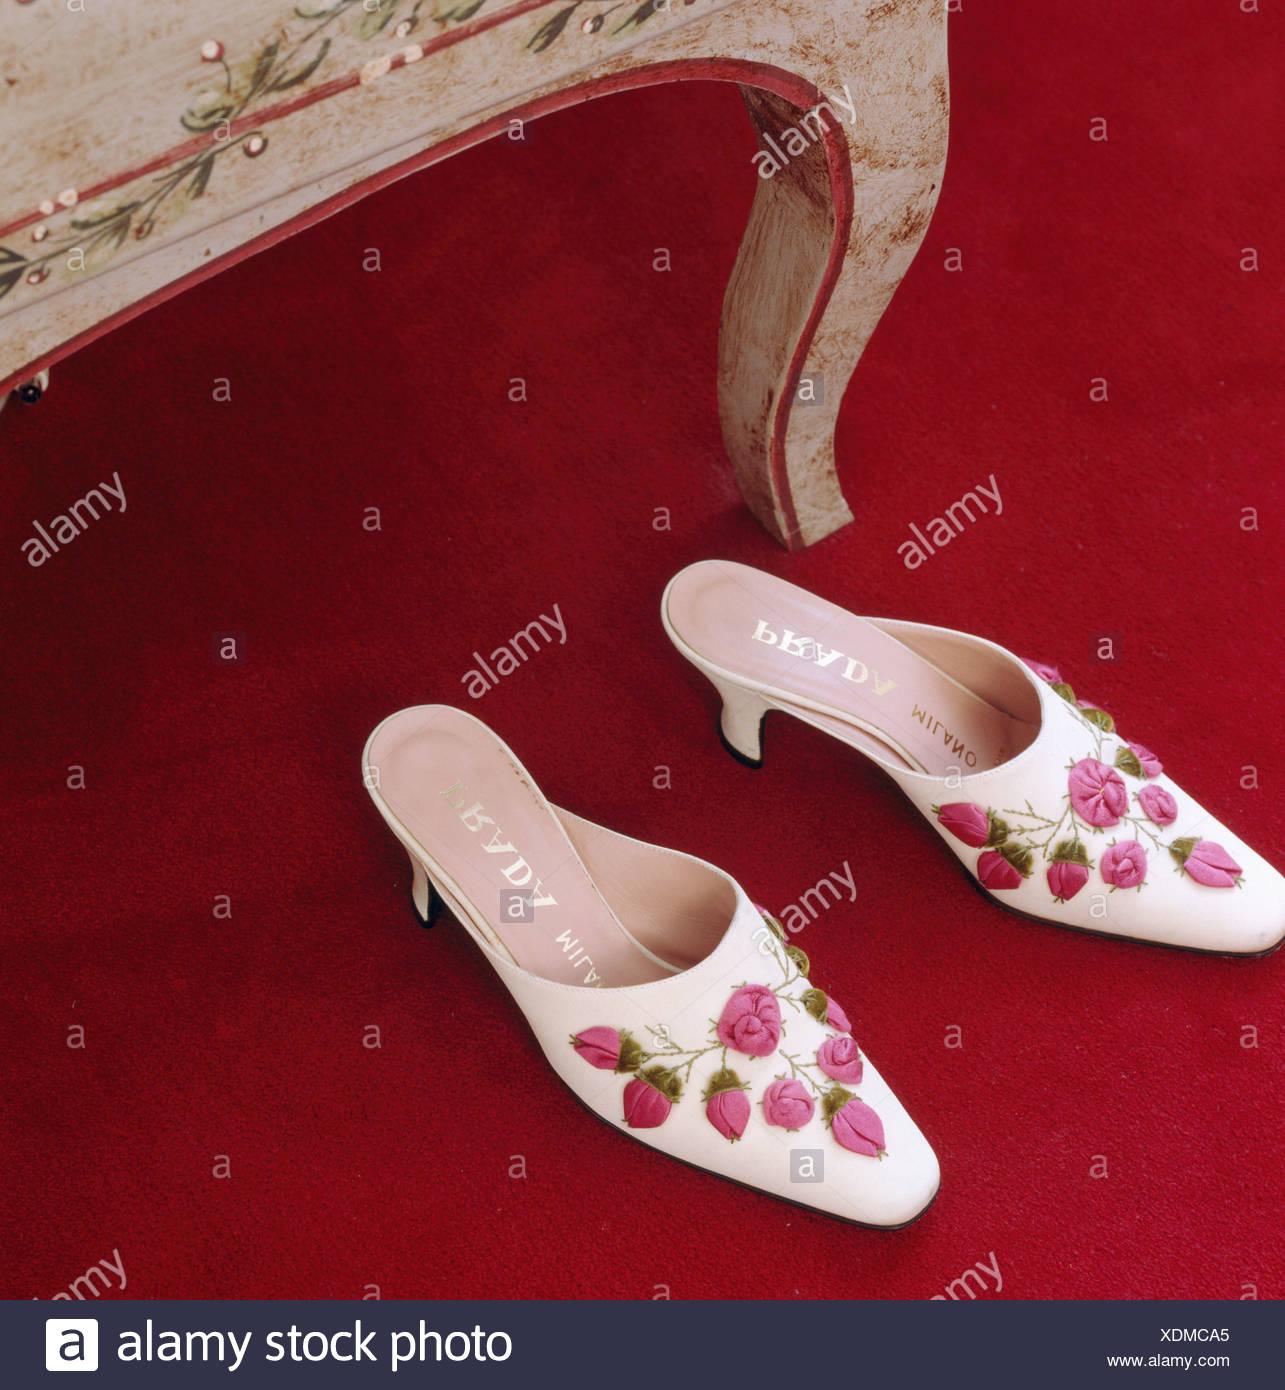 1f1a2a4792d7e Nahaufnahme der weiße Prada Schuhe mit Rosa Seide Rosen appliziert Stockbild